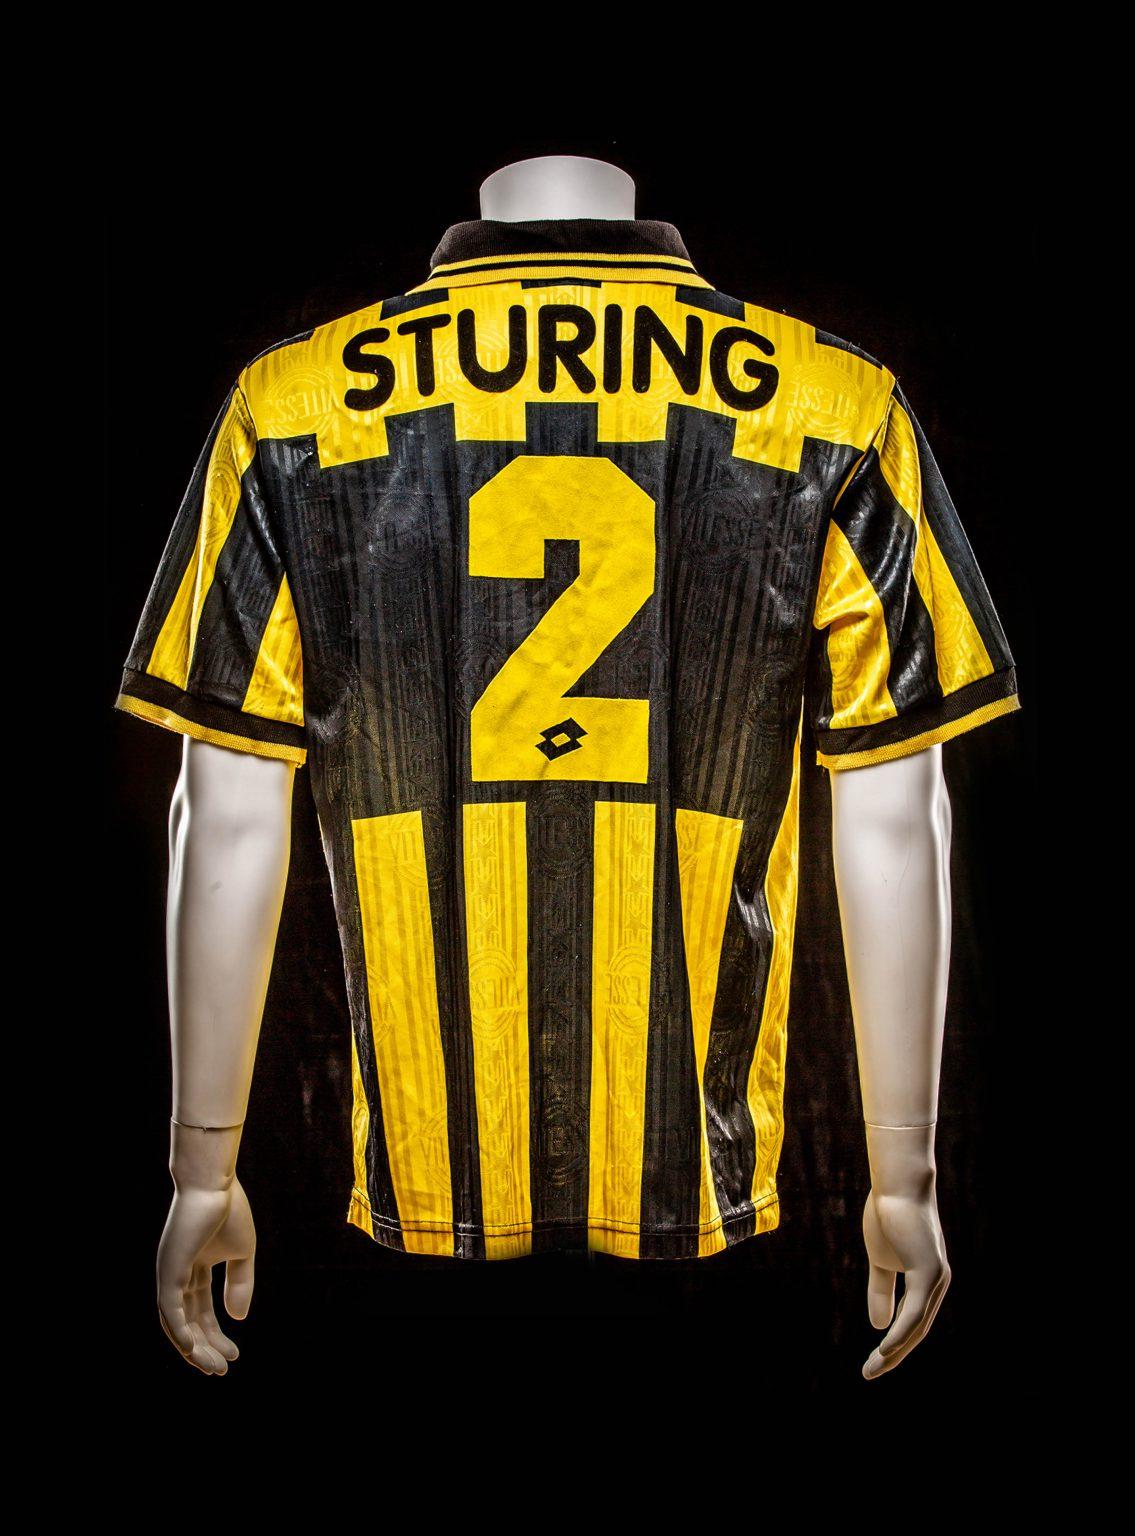 #2 Edward Sturing